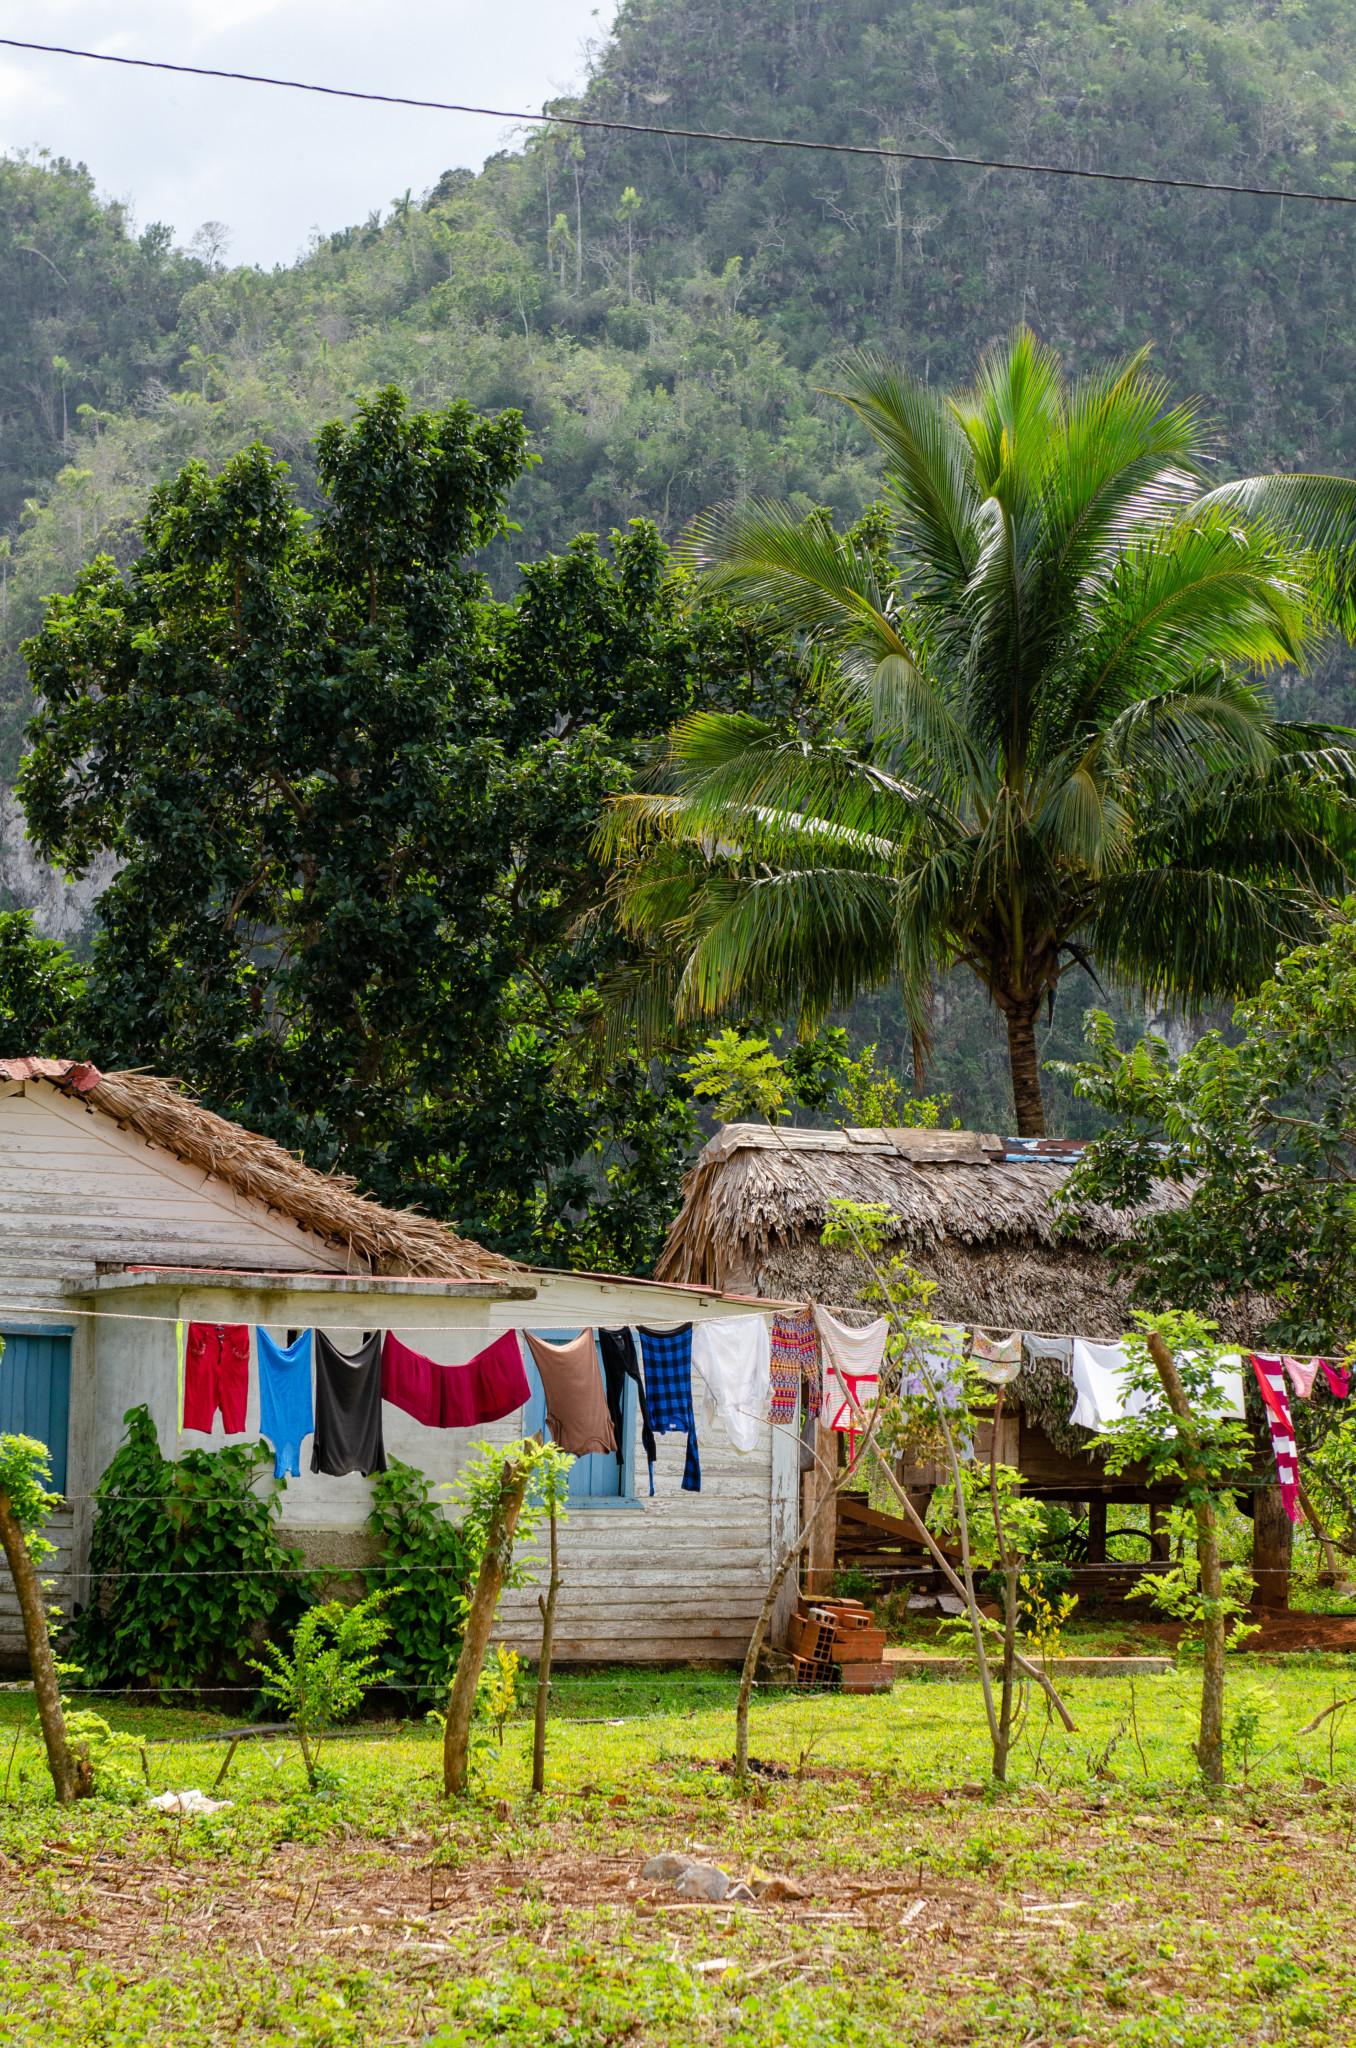 Wäsche hängt vor einem versteckten Haus in Kuba